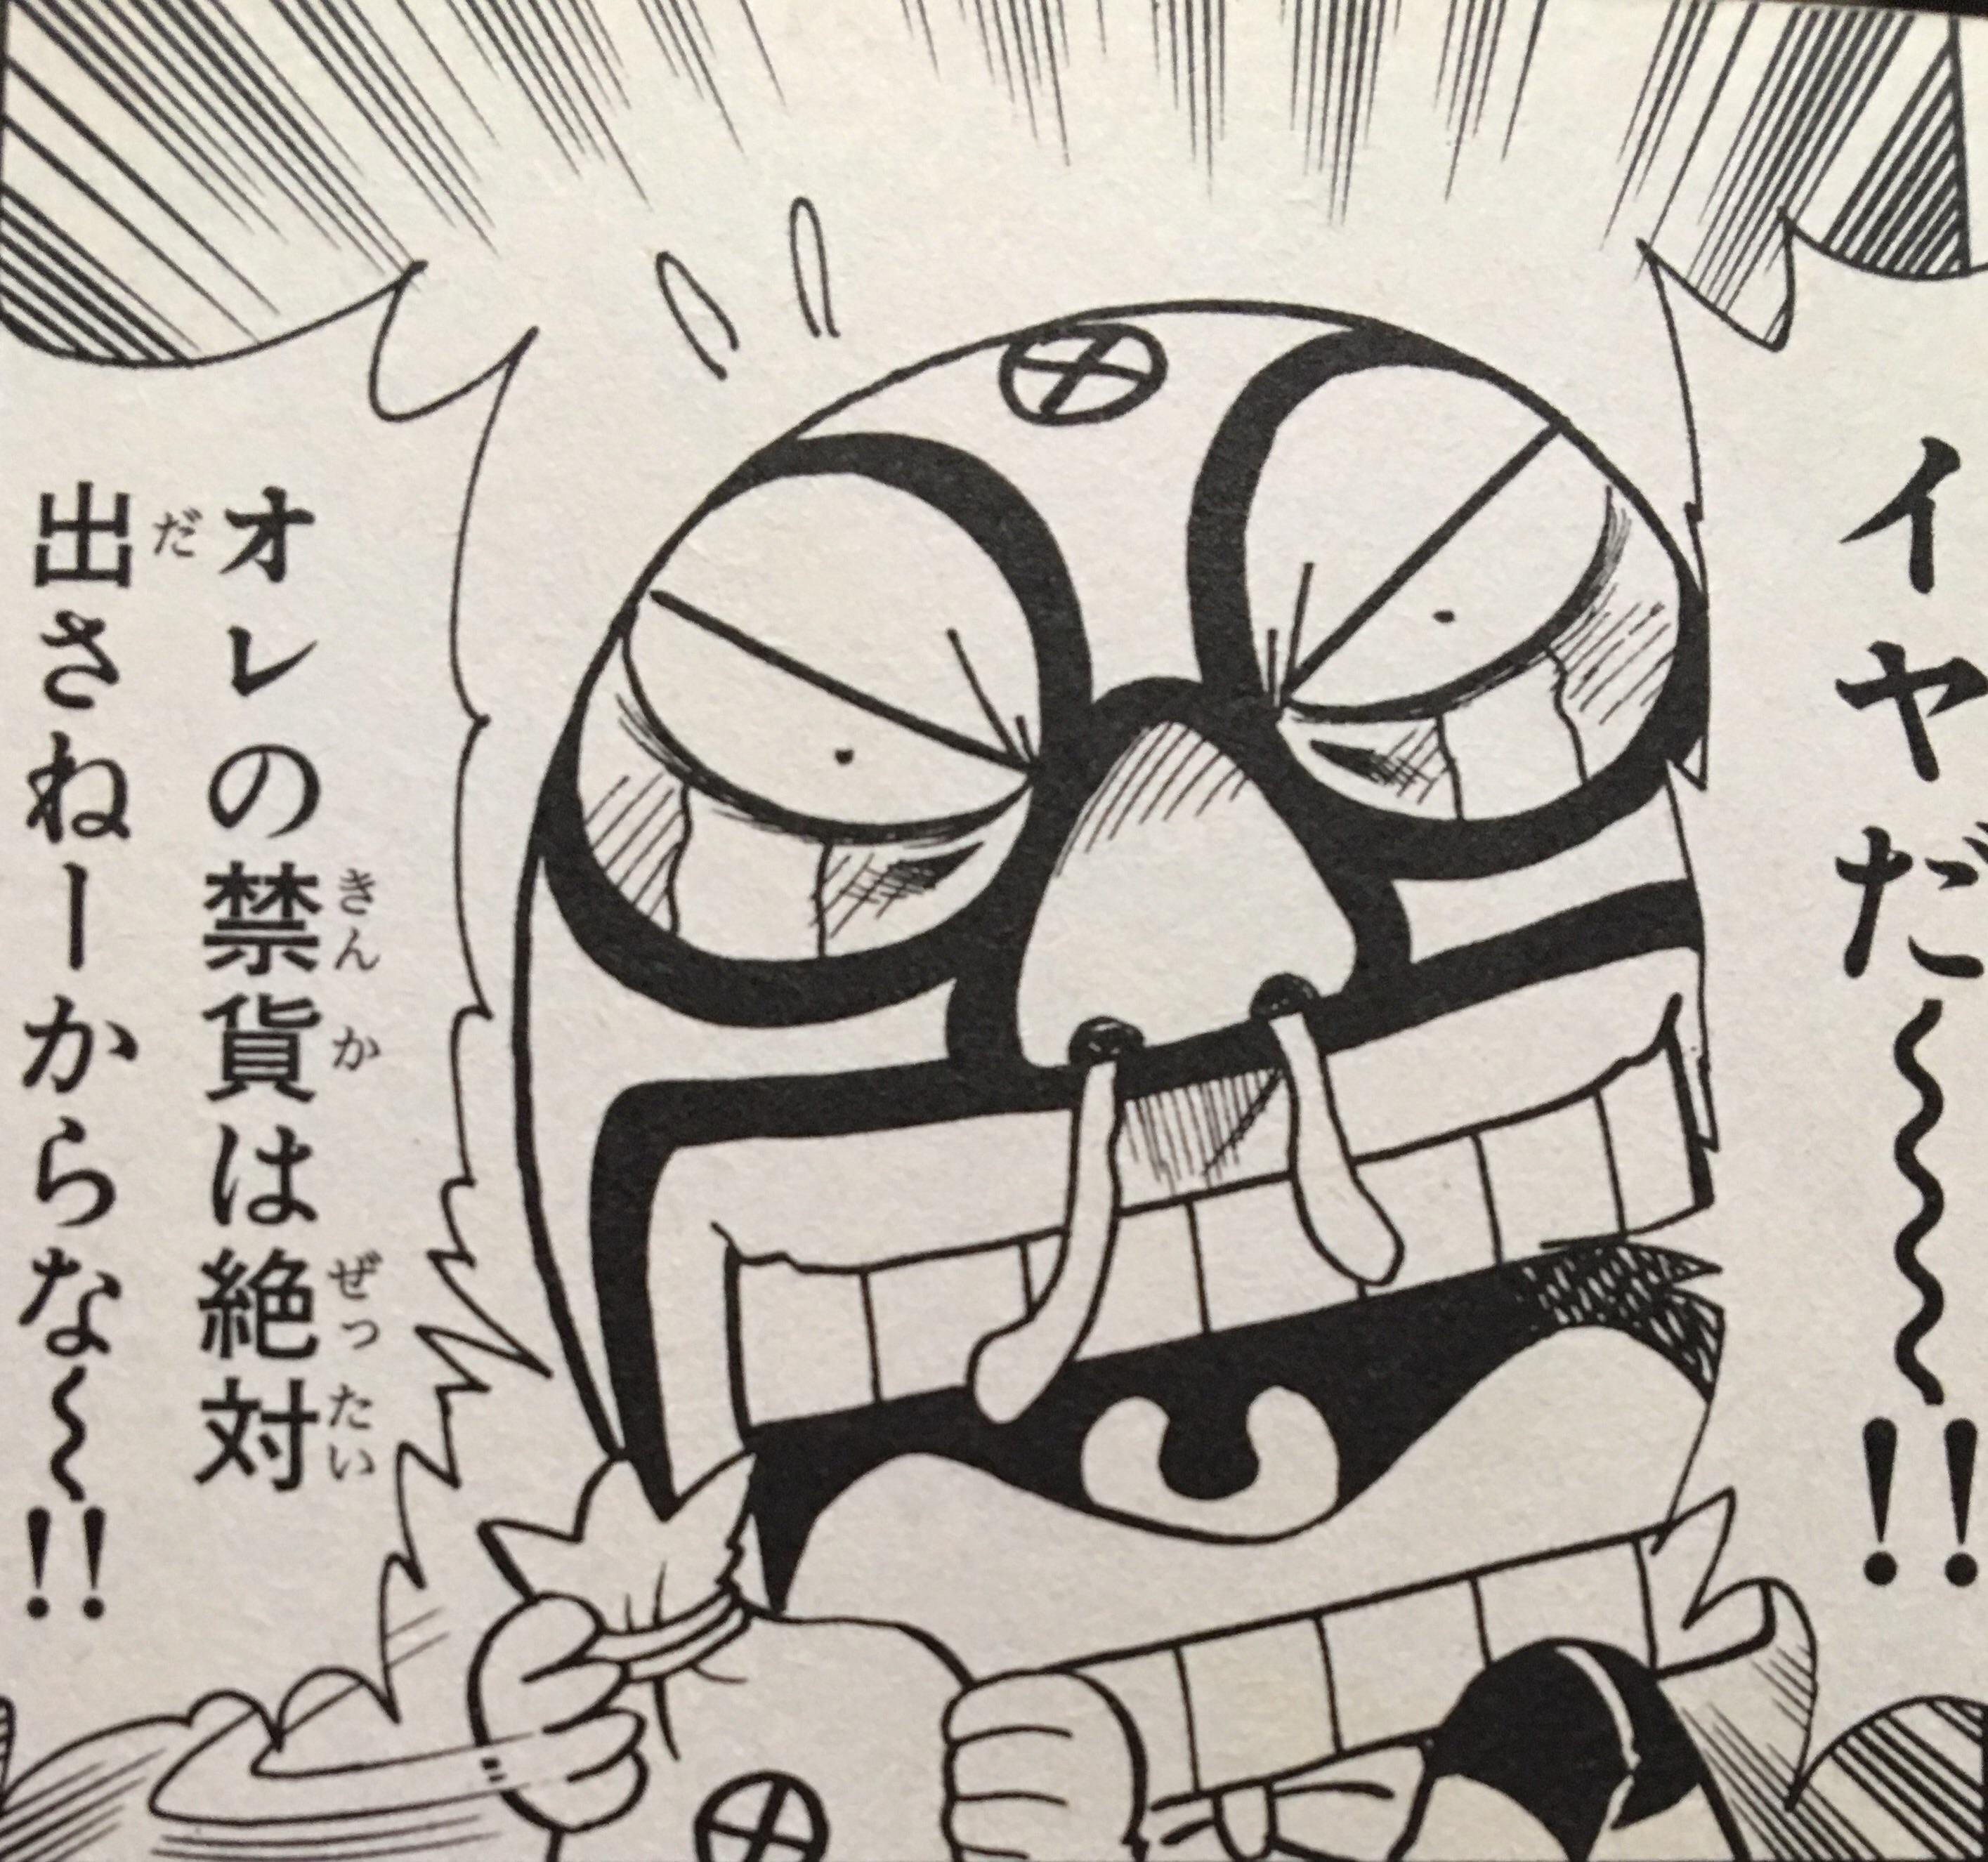 f:id:kimuchijiaozi:20161126172247j:image